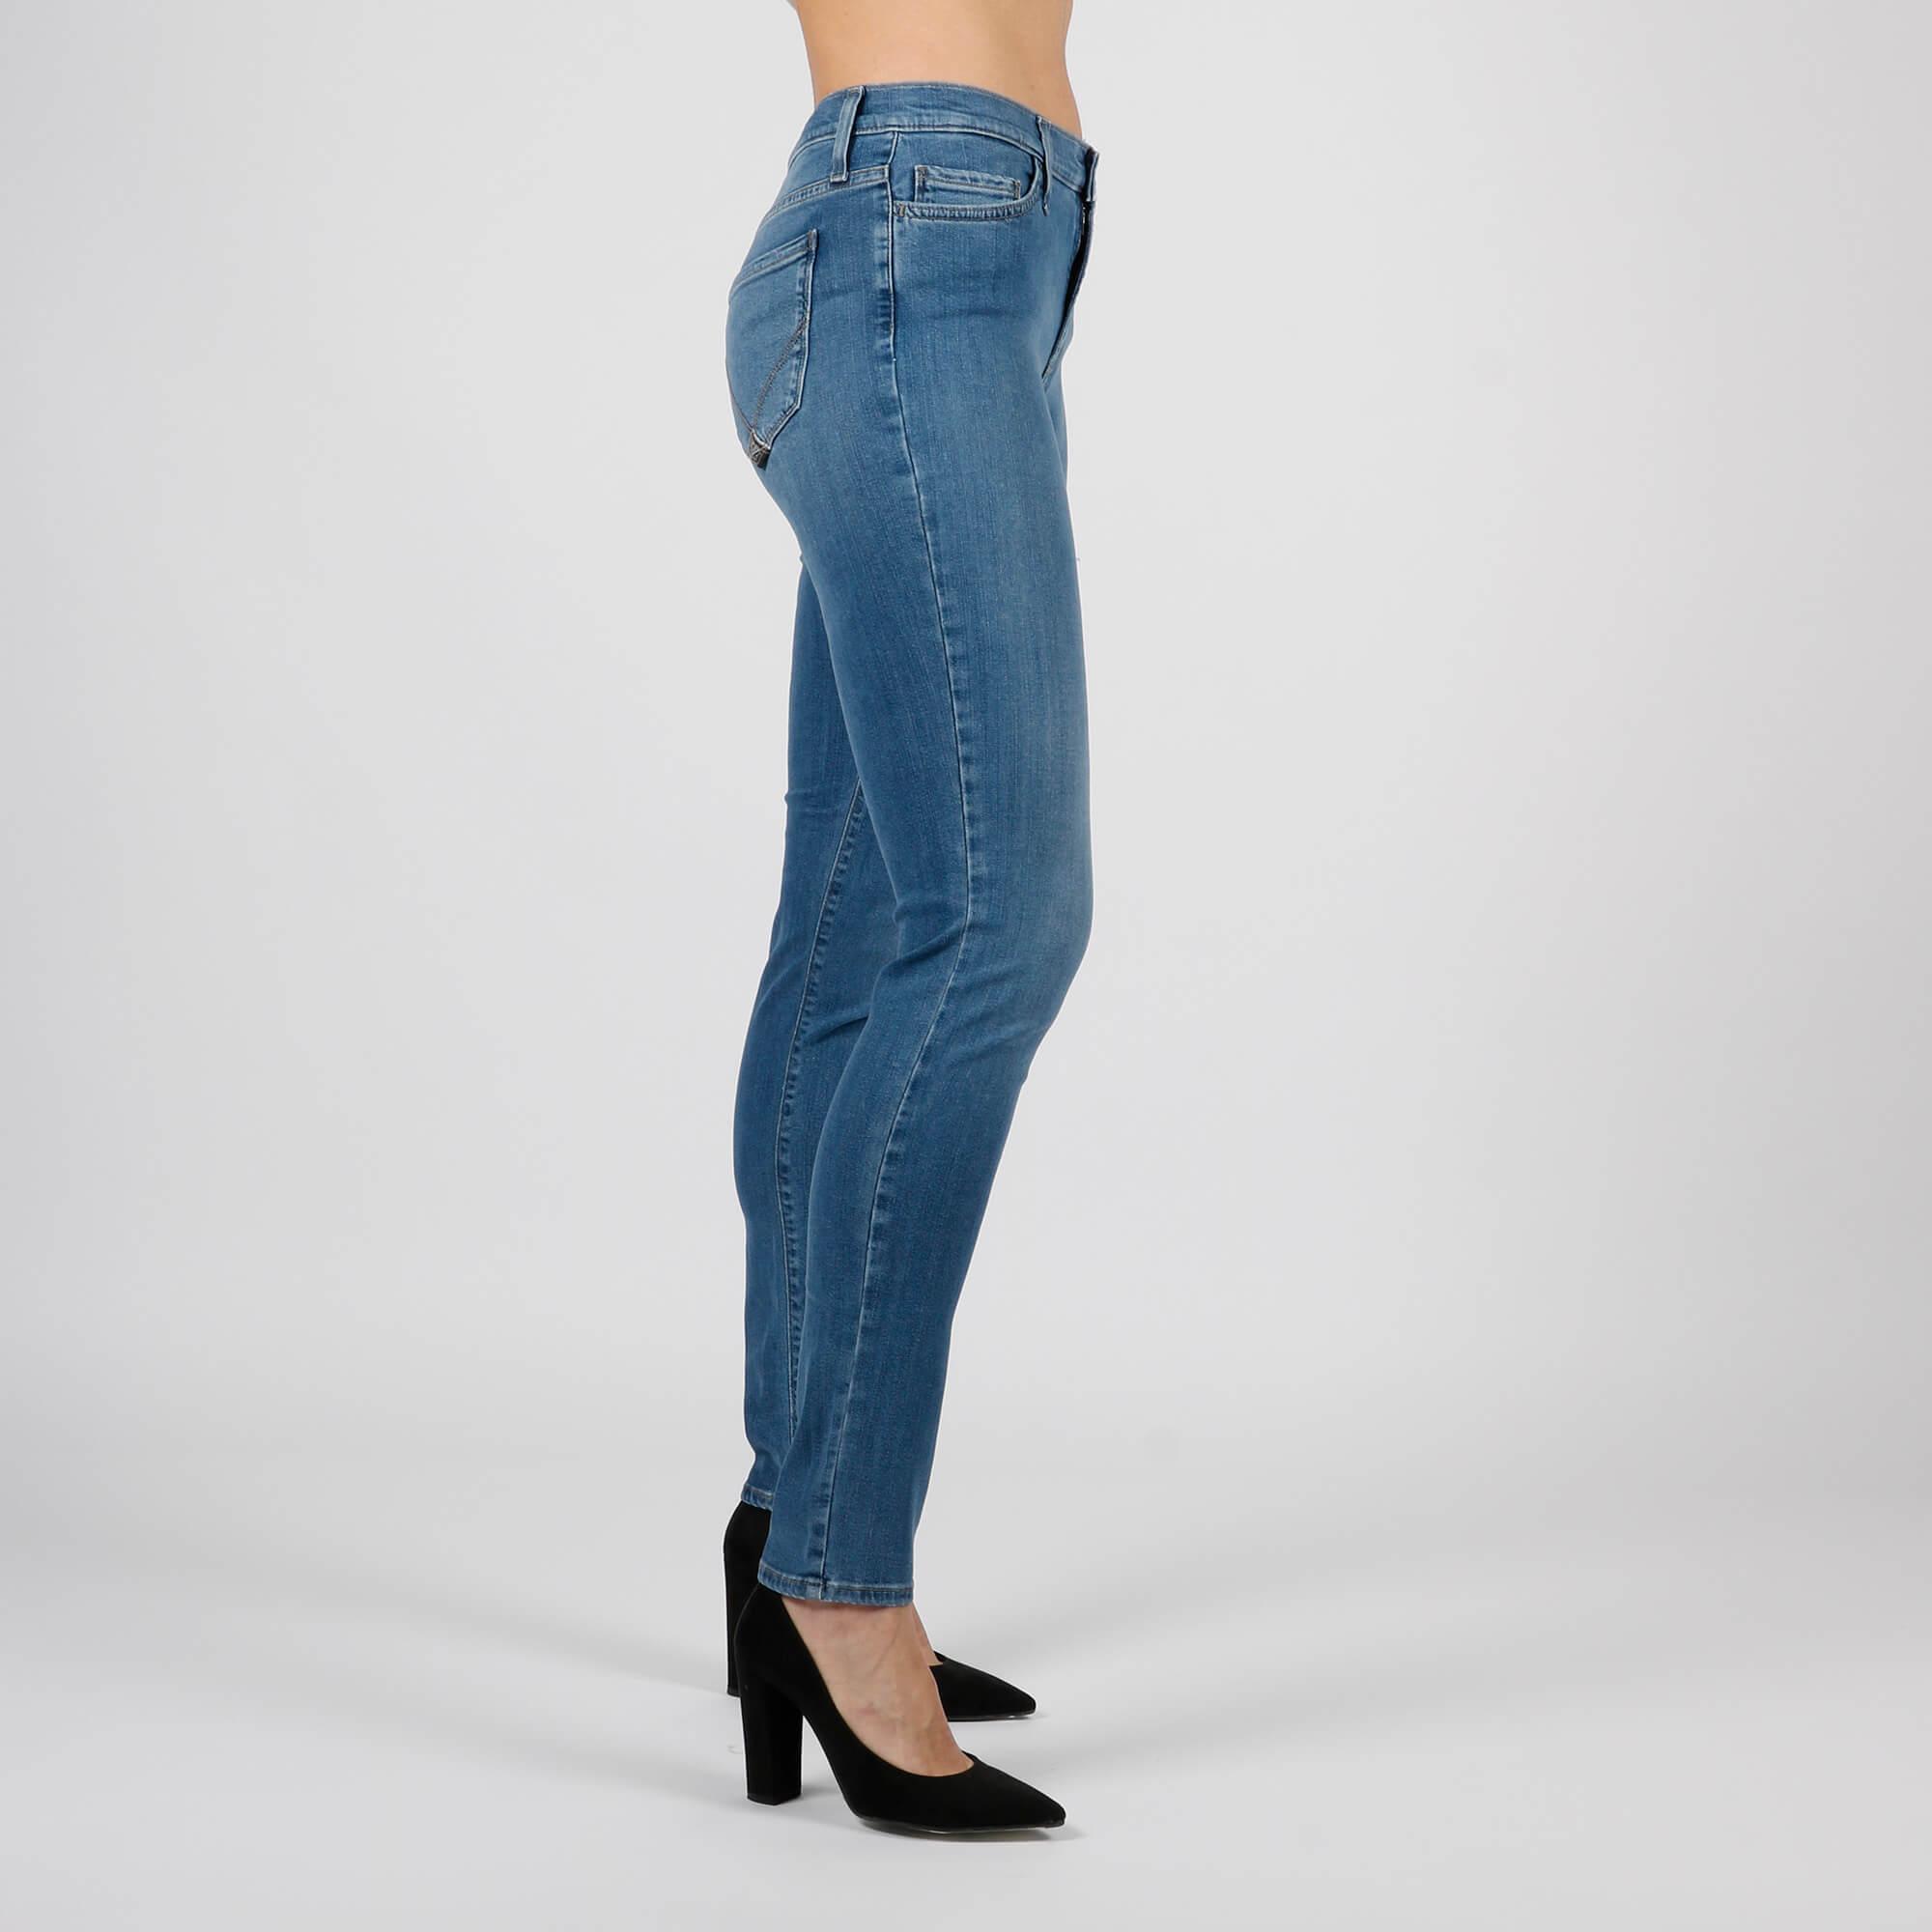 Jeans higt cate rox - Denim